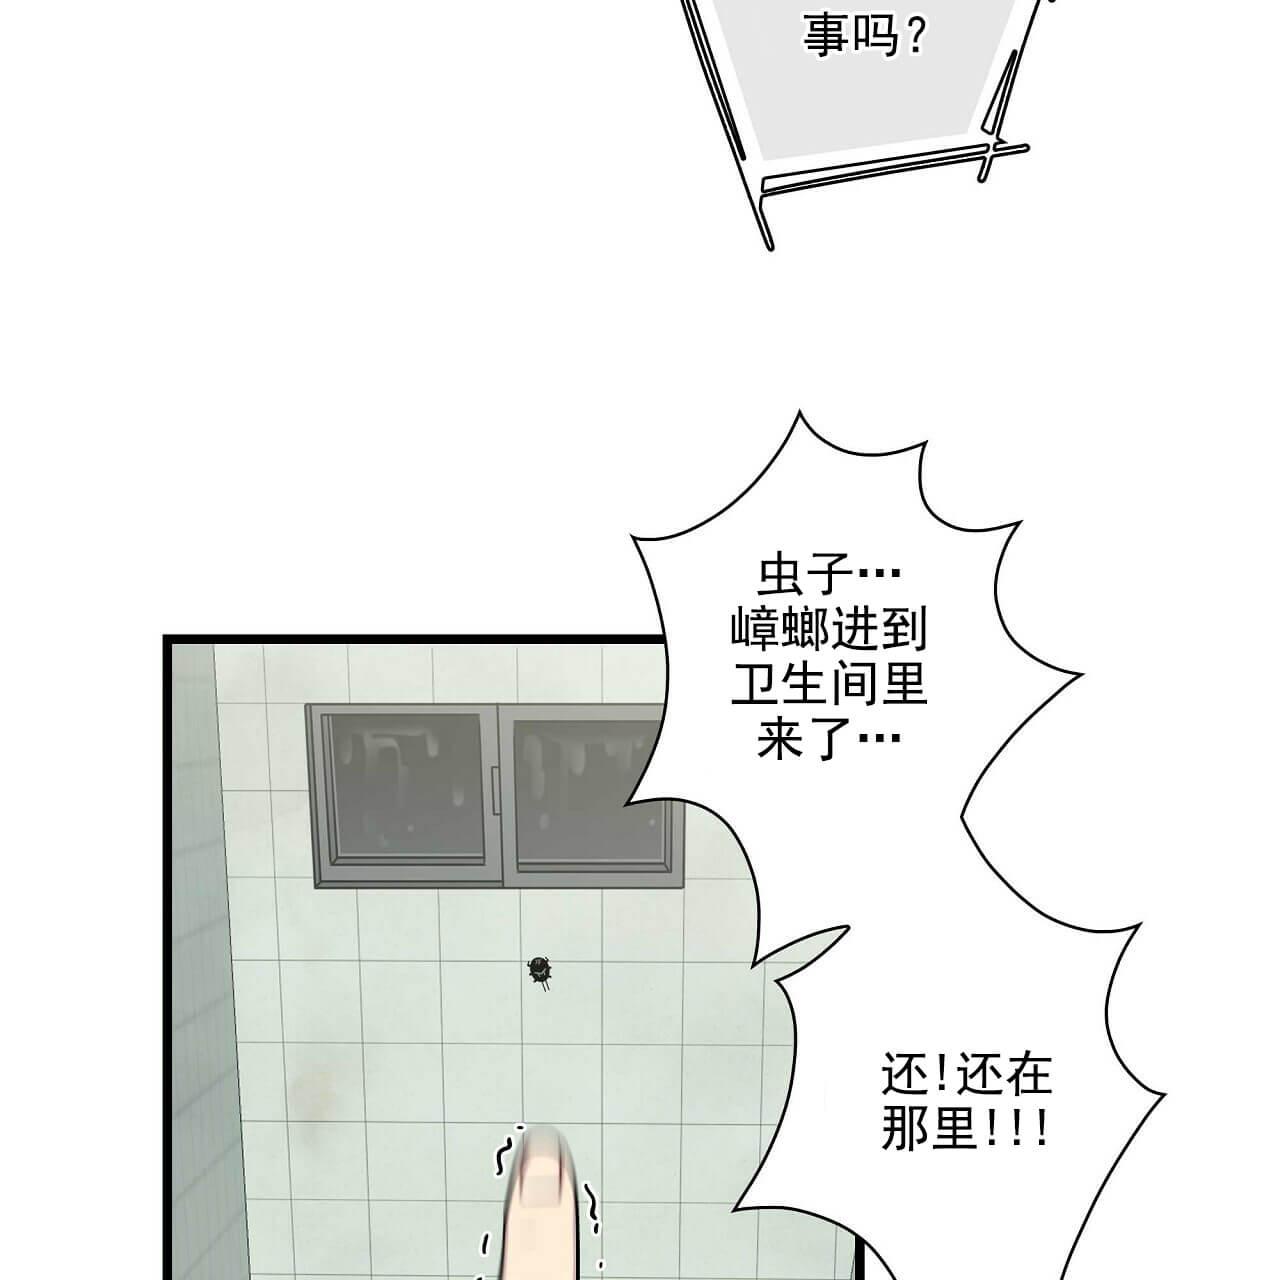 韩漫 |《恋爱杀虫剂》一场由杀虫剂开启的恋爱罗曼史~  第40张